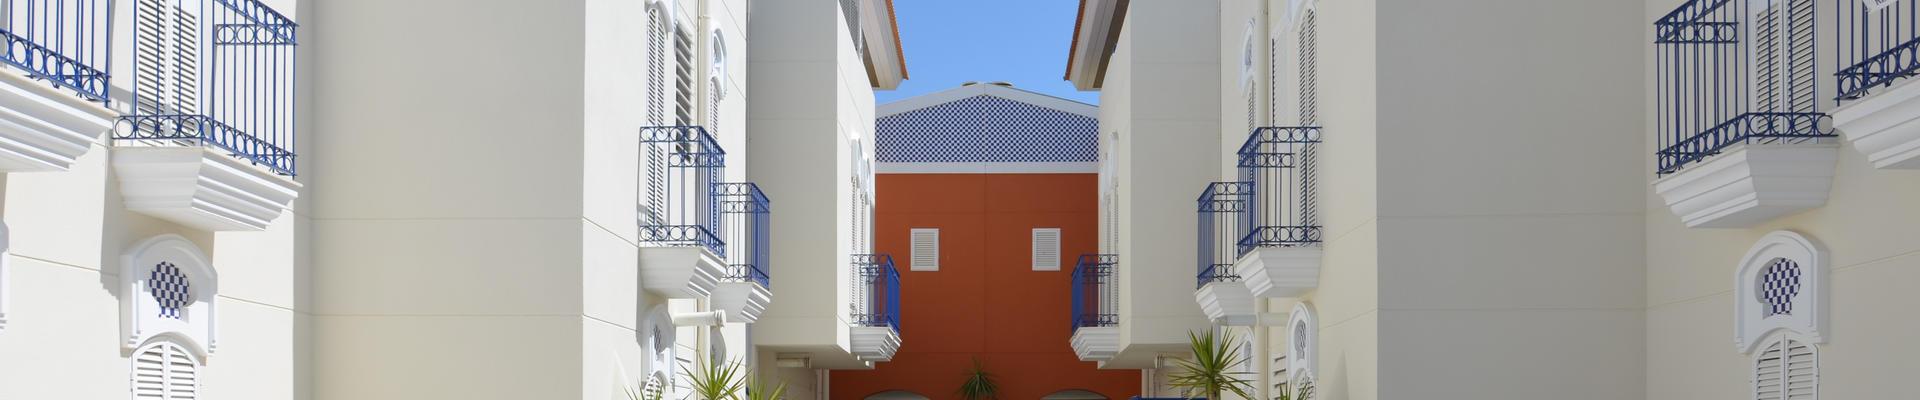 A1337: 3 Habitación Apartamento en venta